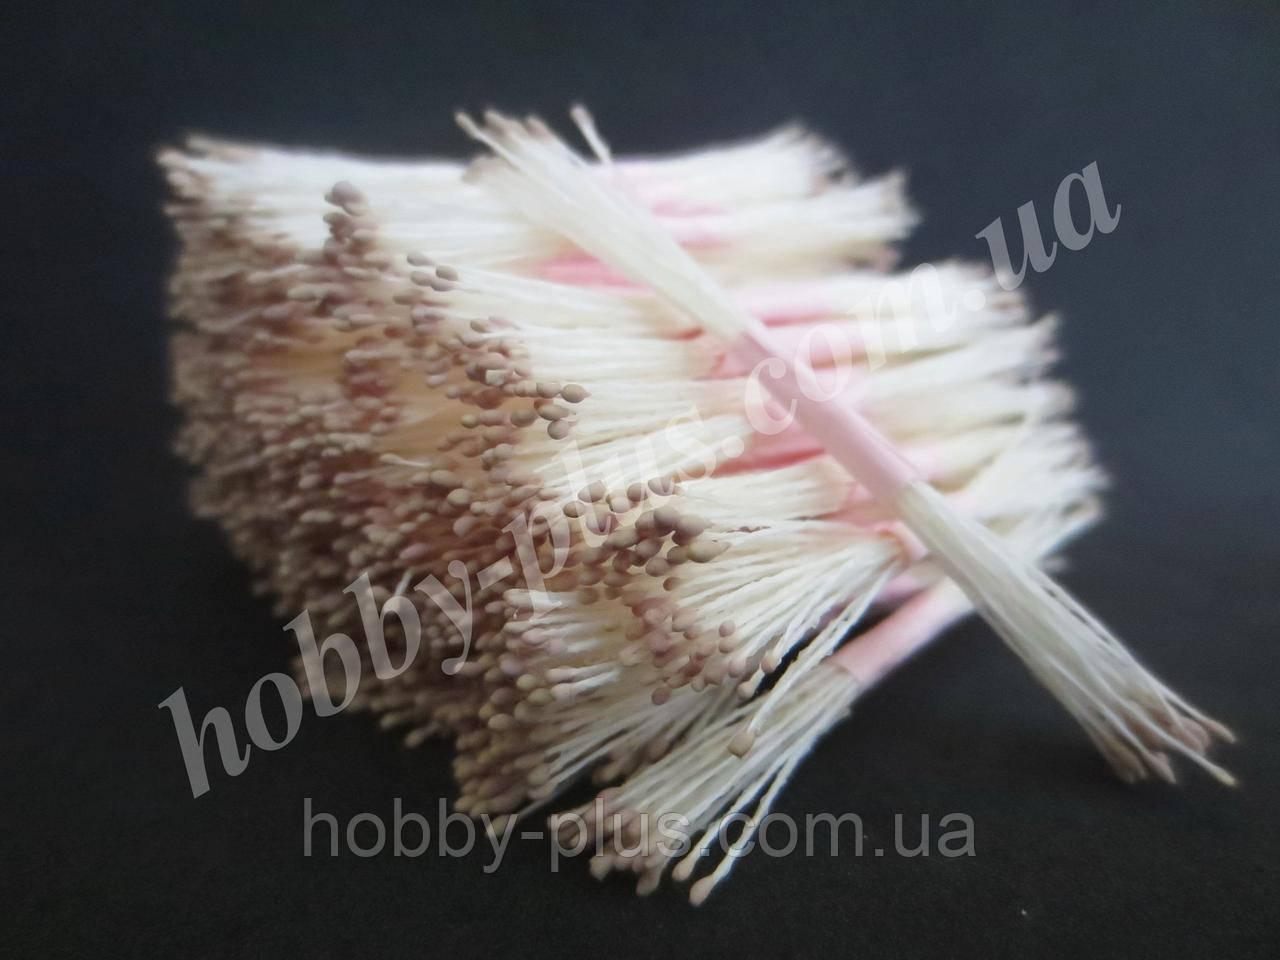 Тайские тычинки, СВЕТЛО-СЕРЫЕ, мелкие на белой нити, 23-25 нитей, 50 головок